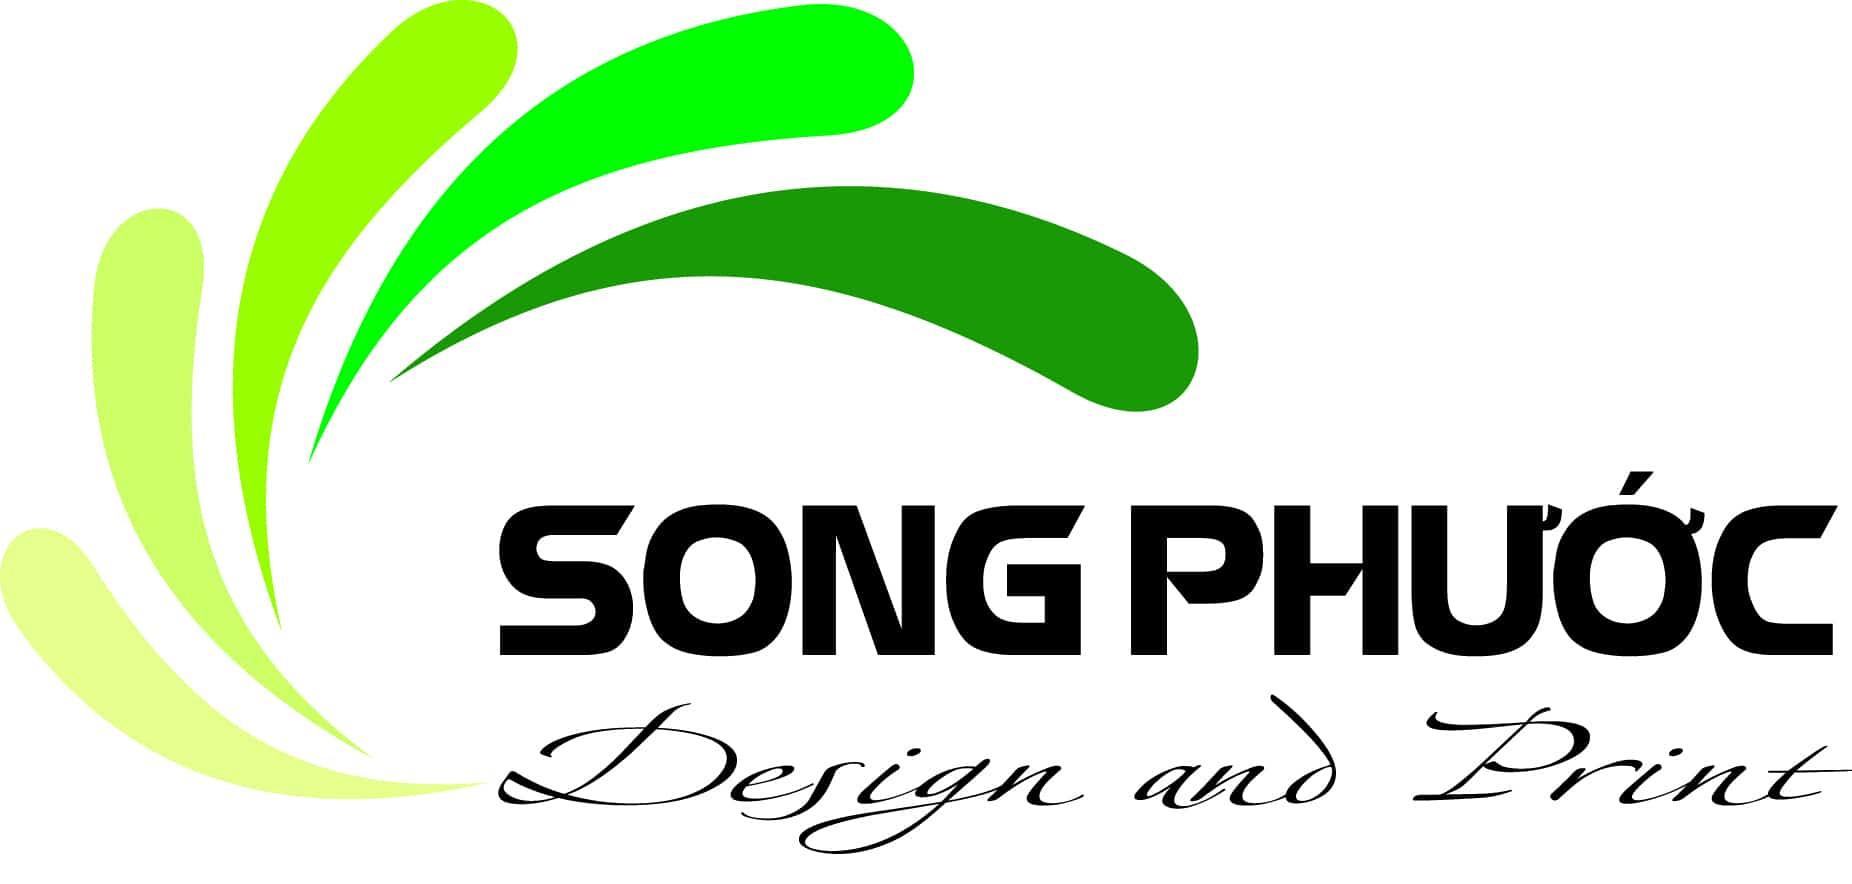 Top 10 Công Ty Chuyên Cung Cấp Dịch Vụ Thiết Kế Đồ Họa HCM - công ty chuyên cung cấp dịch vụ thiết kế đồ họa - ACHAU MEDIA   Công Ty Rubee Việt Nam   Công Ty Sáng Tạo Icolor 33